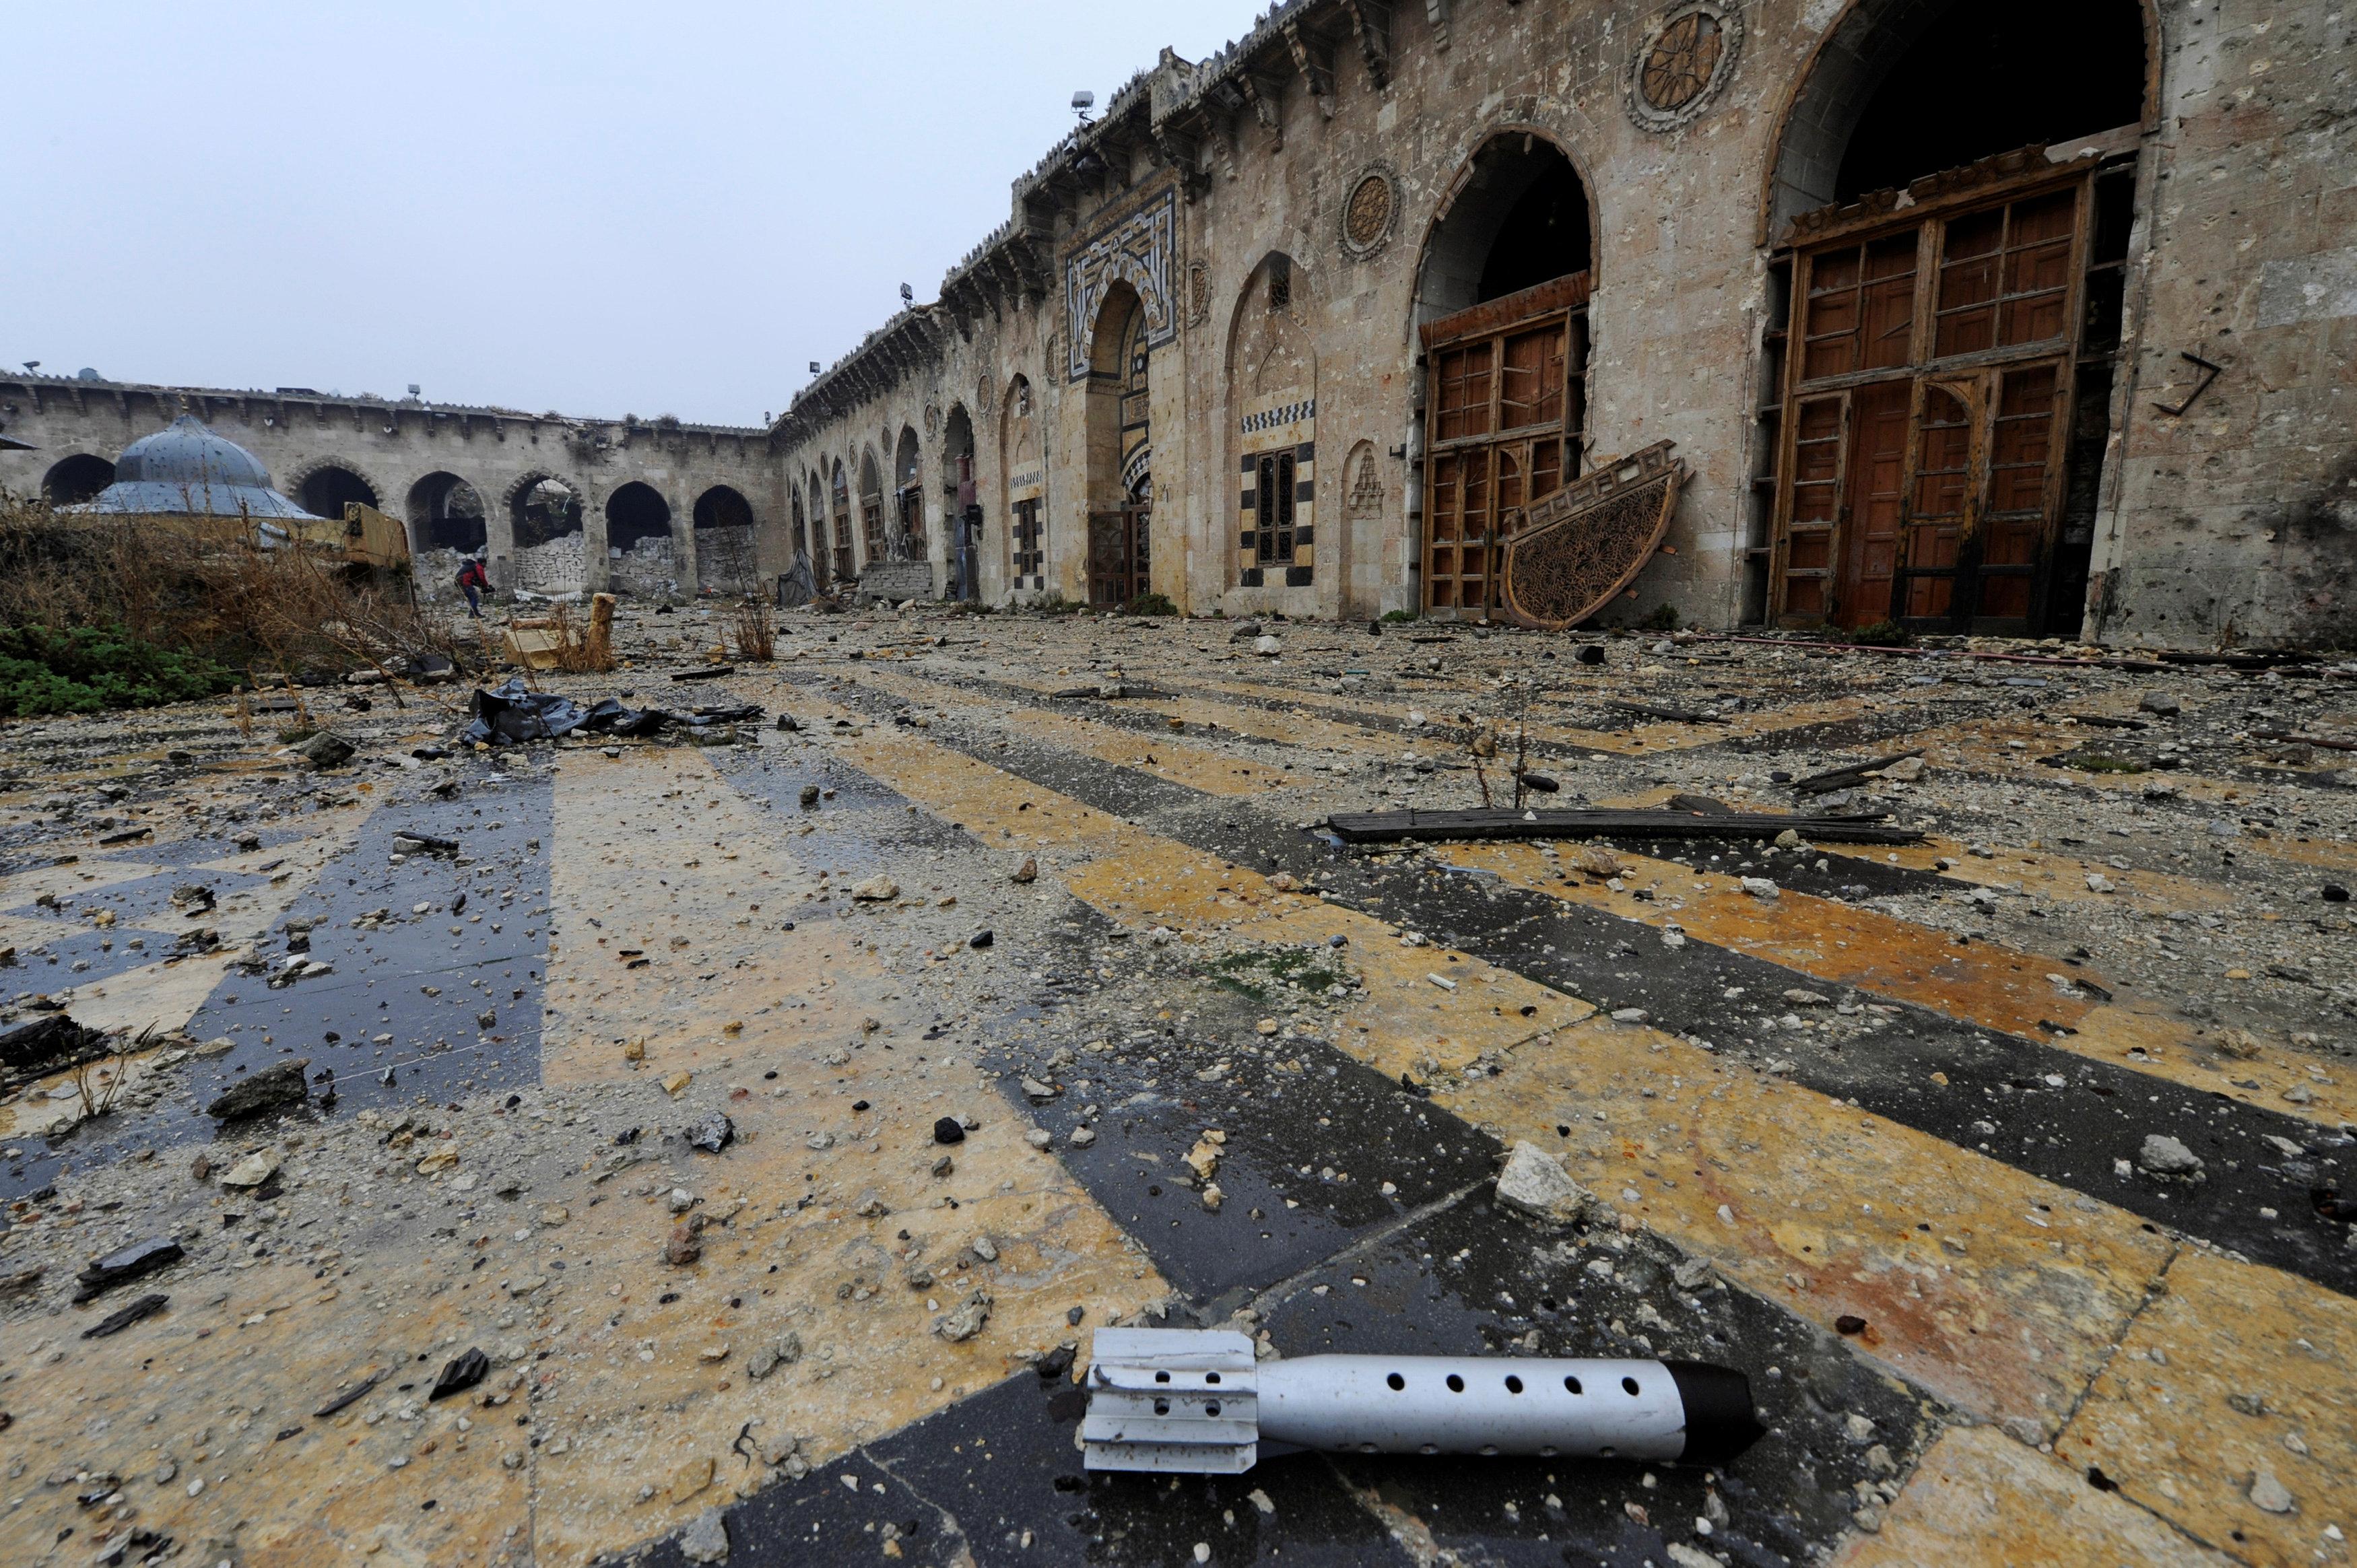 A general view shows the damage inside the Umayyad mosque, in the government-controlled area of Aleppo, during a media tour, Syria December 13, 2016. REUTERS/Omar Sanadiki *** Local Caption *** Pemandangan bagian dalam masjid Umayyad yang rusak, saat tur media di wilayah kekuasaan pemerintah di Aleppo, Suriah, Selasa (13/12). ANTARA FOTO/REUTERS/Omar Sanadiki/djo/16